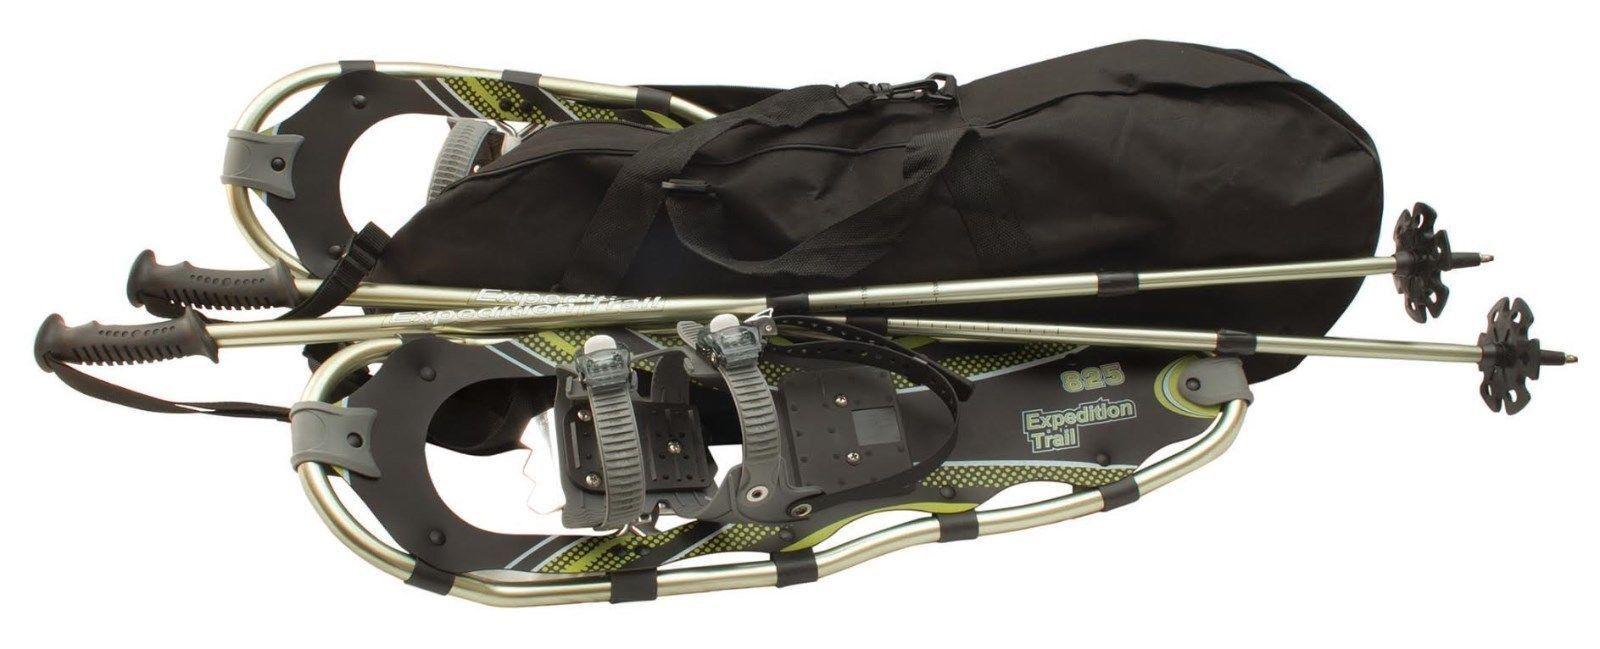 NEW Expedition Explorer Plus Snowshoes with Poles  Alumnium Snow  shoes  online retailers